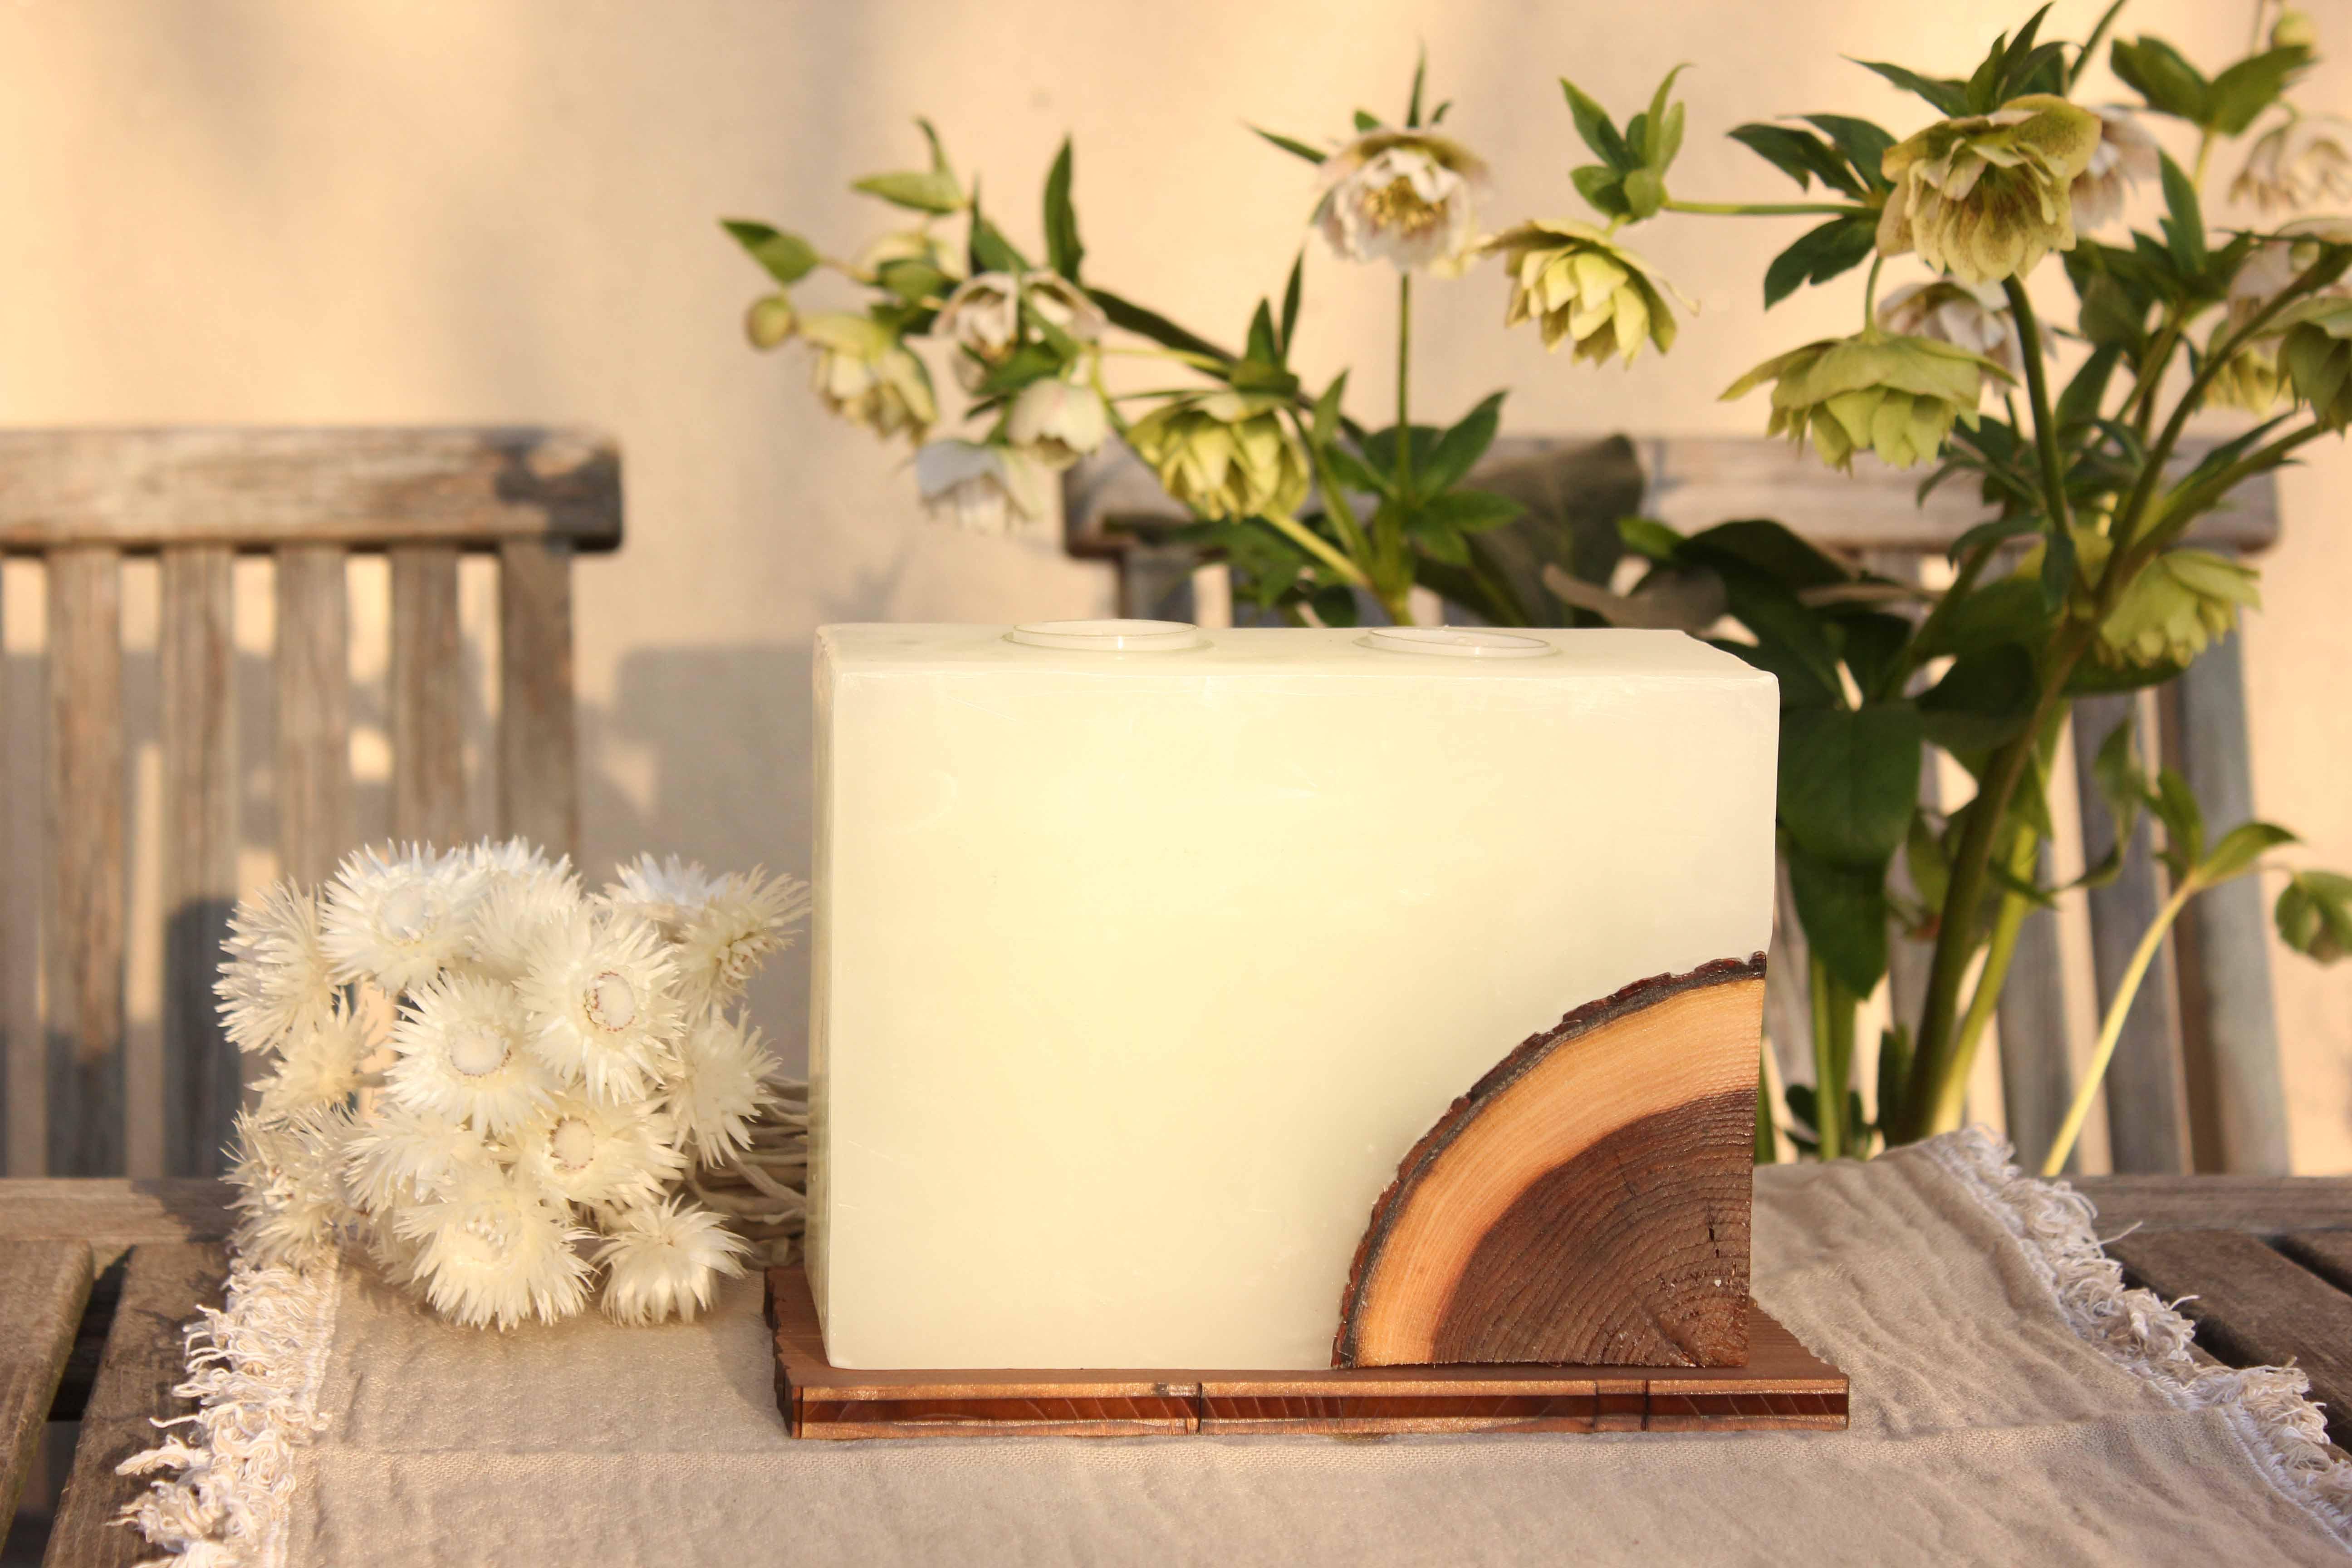 Hochzeitskerze, Geburtstagskerze, Festtagskerze, Holzkerze für feierliche Anlässe, mit Ulmenholz